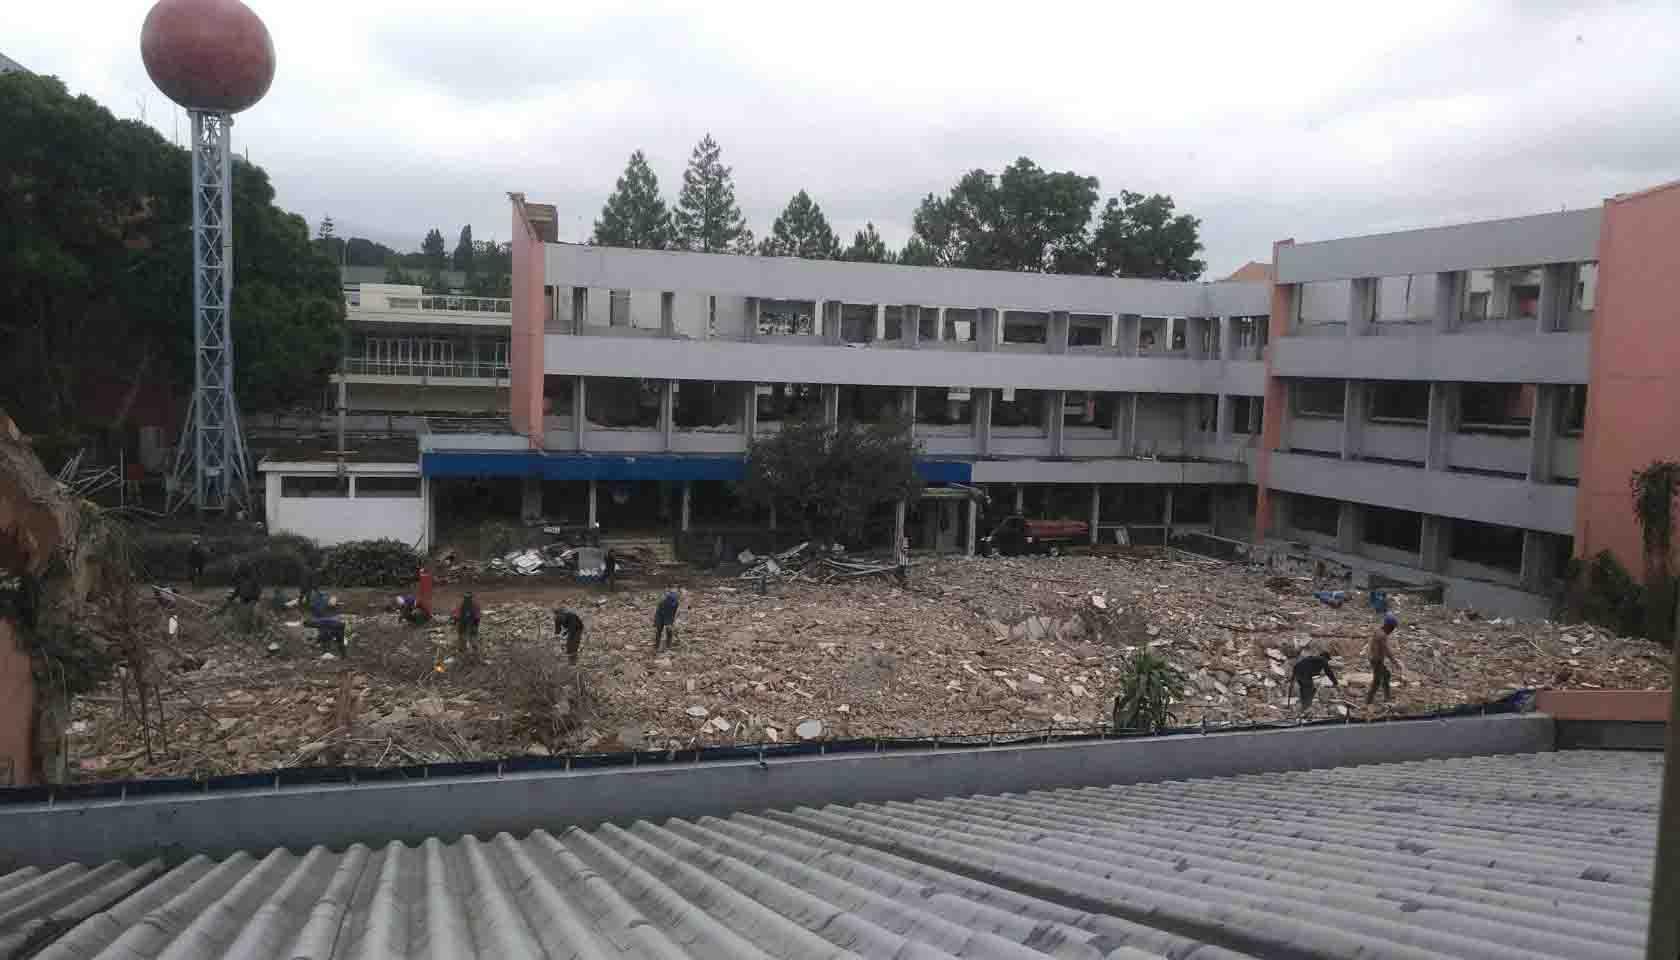 Proses Pembangunan PPAG, Puing-puing berserakan di depan Gedung 5 yang berhadapan langsung dengan Gedung 4 yang baru dirubuhkan. Dok/MP